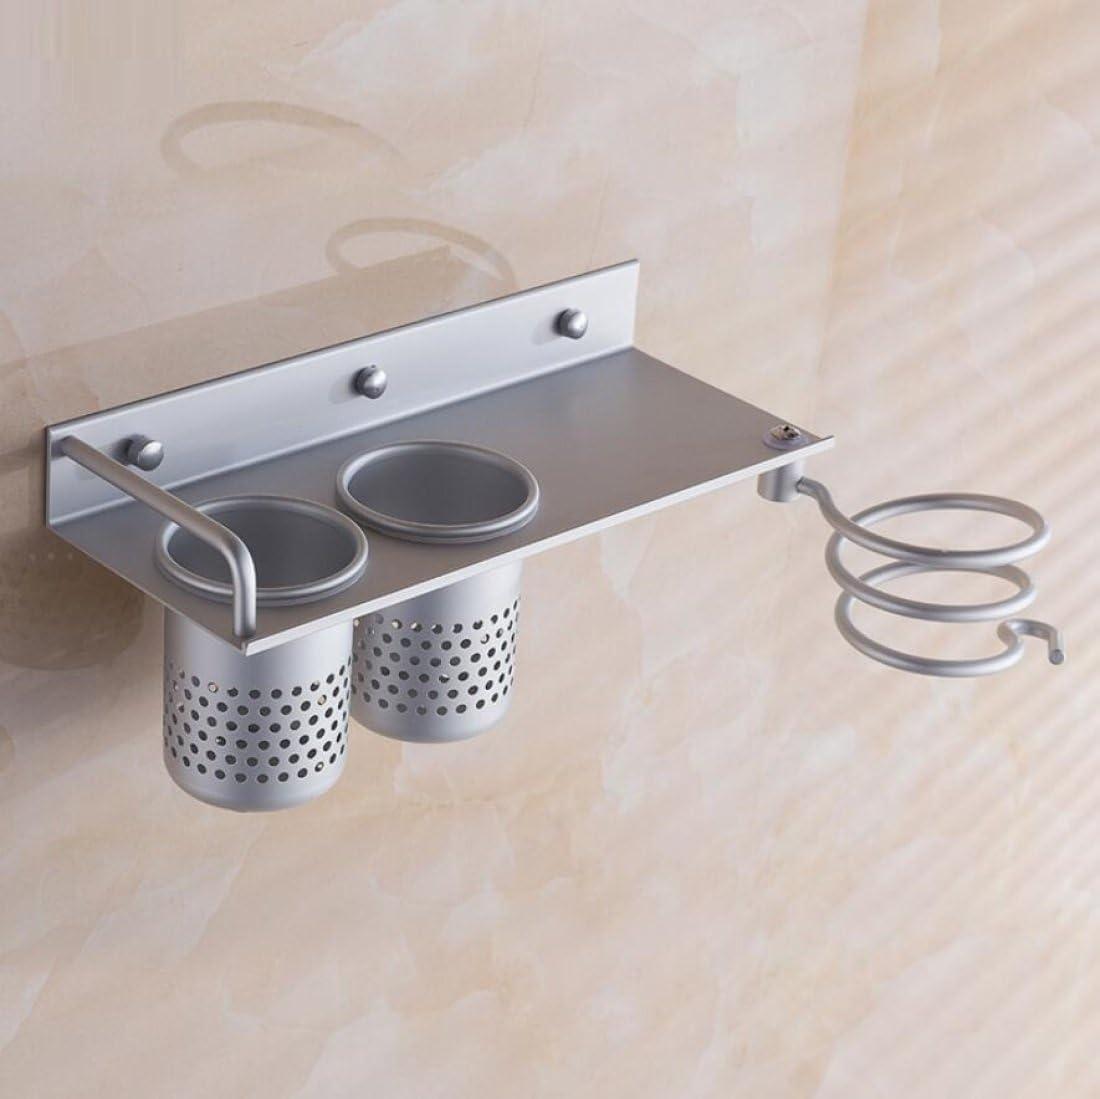 Ganquer Mit Innenring F/önhalter Rack Aluminiumlegierung Wandmontage Bolzeneinsatz F/önhalterung